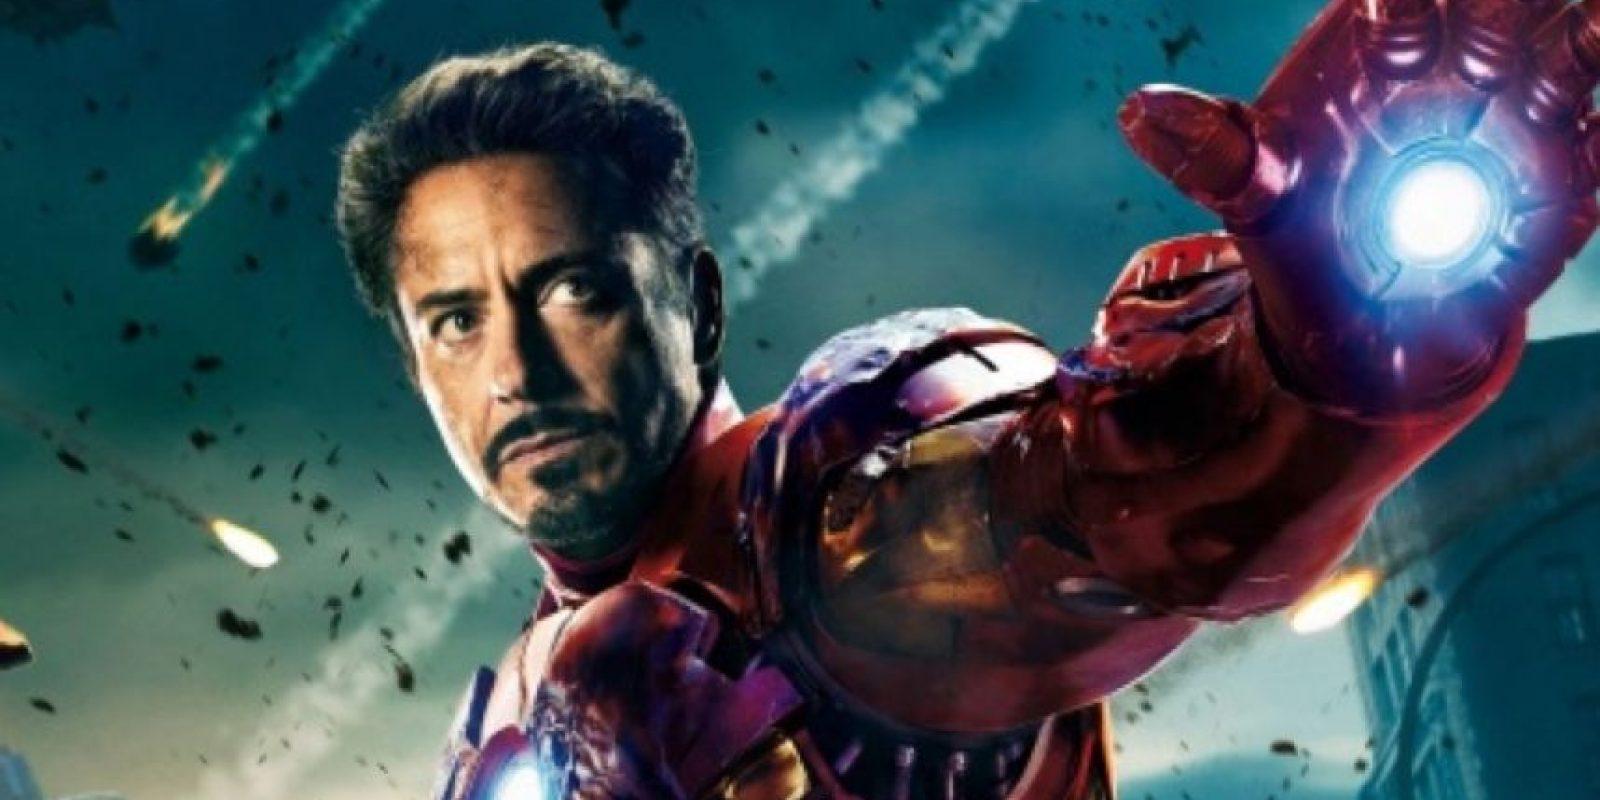 """Iron Man es el principal contendor del Capitán América en """"Civil War"""" y también es nombrado como director de S.H.I.E.L.D en esta historia, que termina trágicamente. El cargo le dura hasta el cómic """"Invasión Secreta"""". Foto:vía Marvel"""